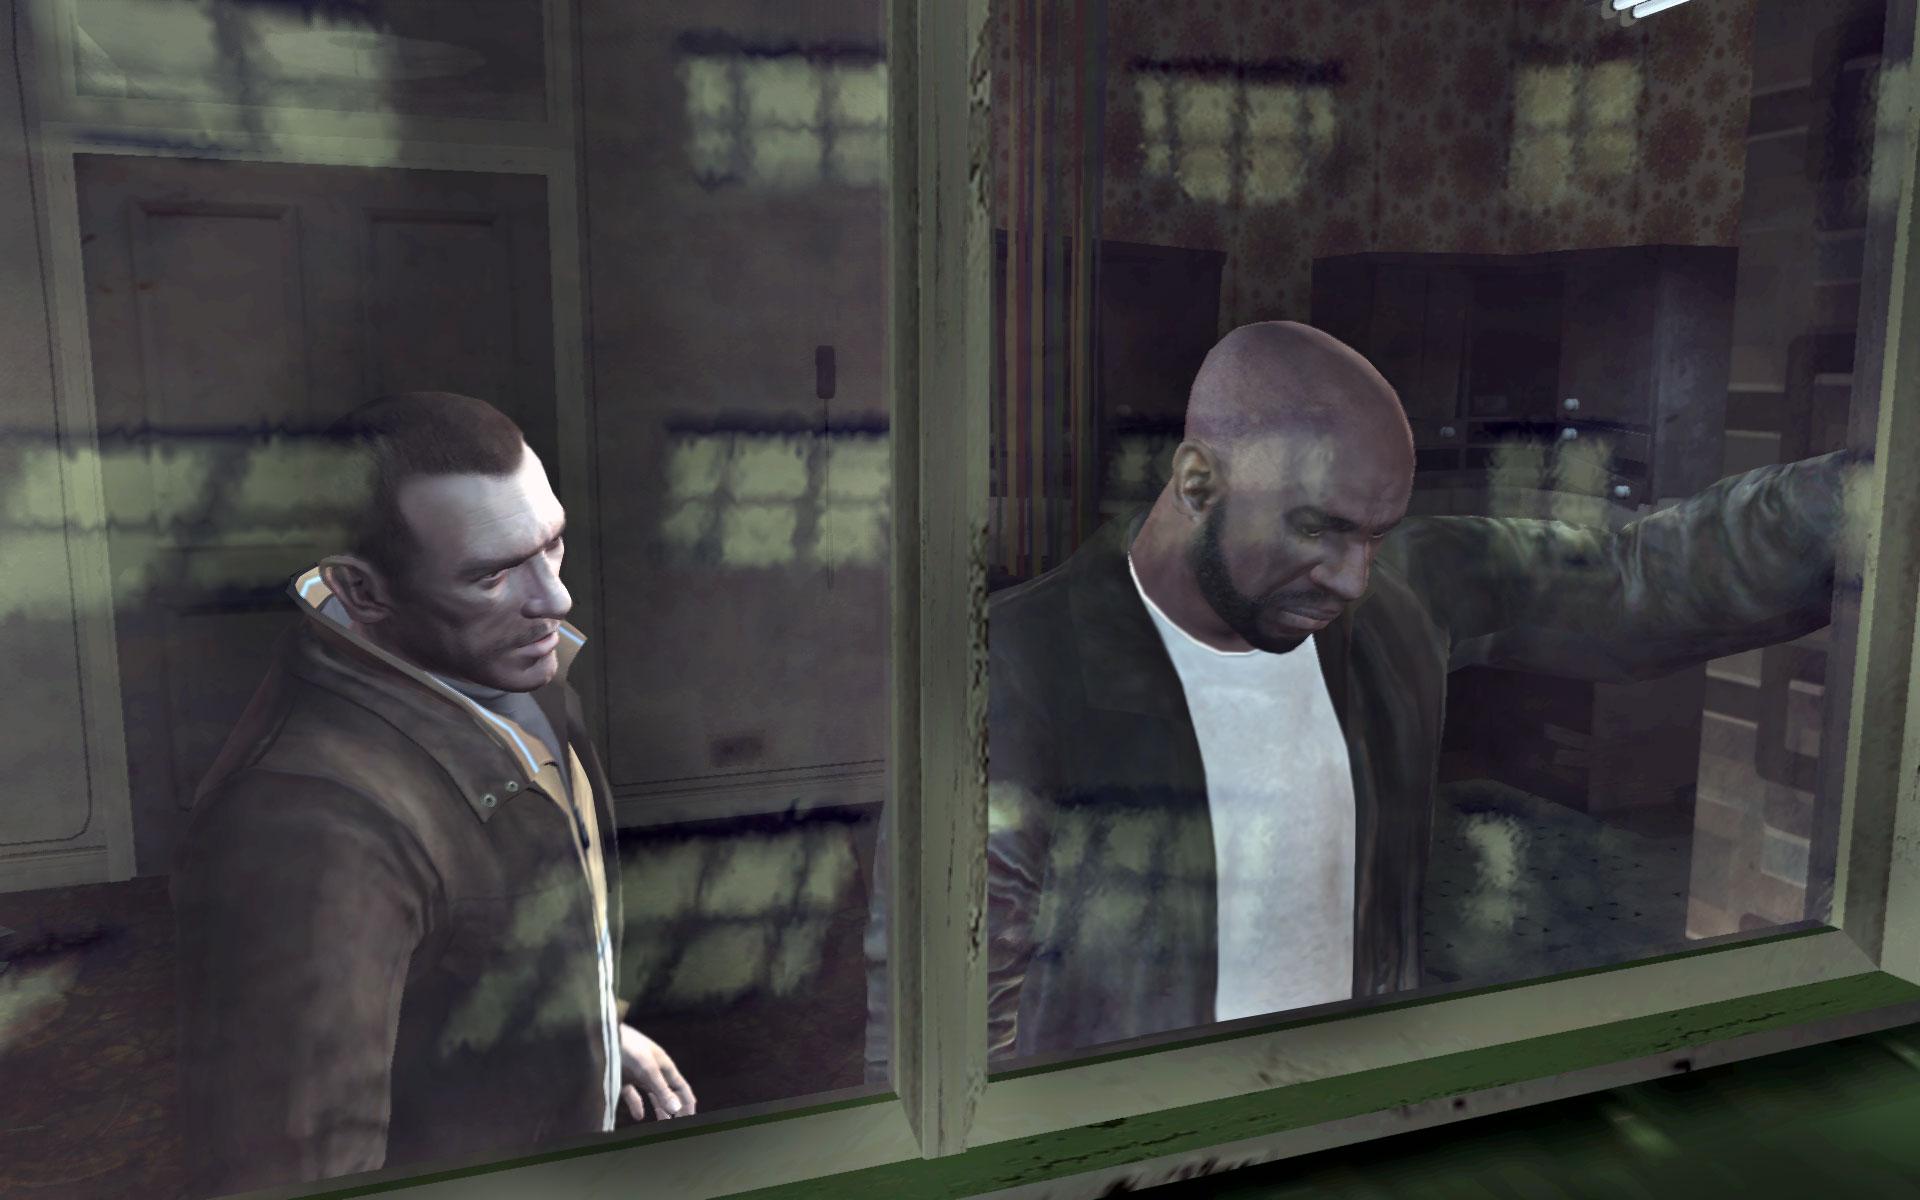 Форумы / Grand Theft Auto 4 / GTA 4 на PC (закрыта) - обсуждение.